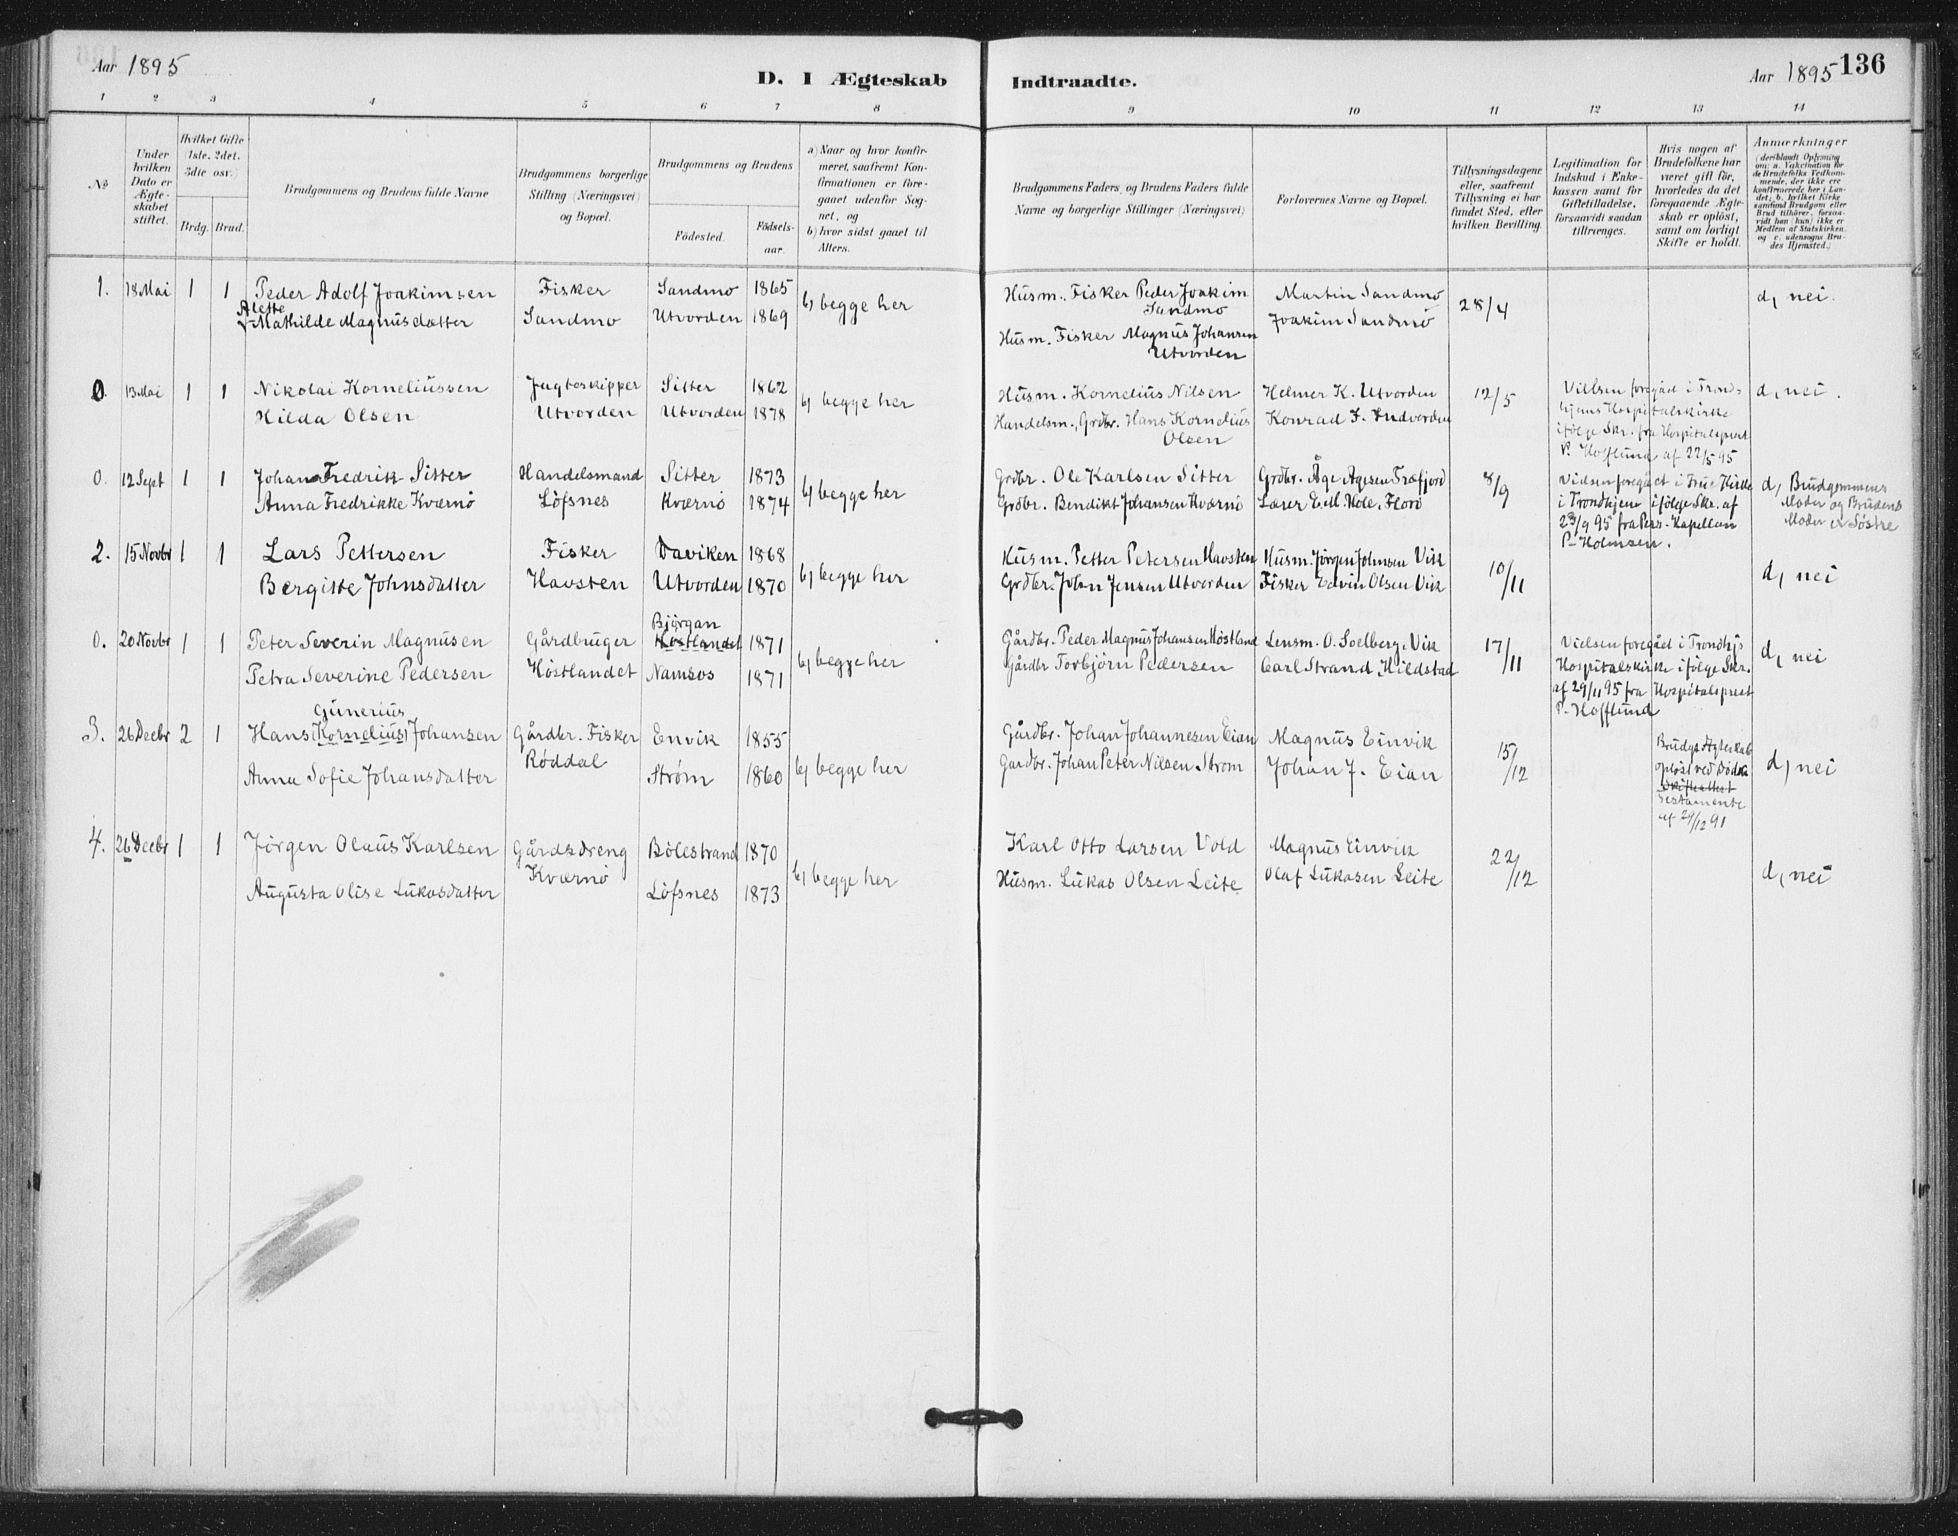 SAT, Ministerialprotokoller, klokkerbøker og fødselsregistre - Nord-Trøndelag, 772/L0603: Ministerialbok nr. 772A01, 1885-1912, s. 136